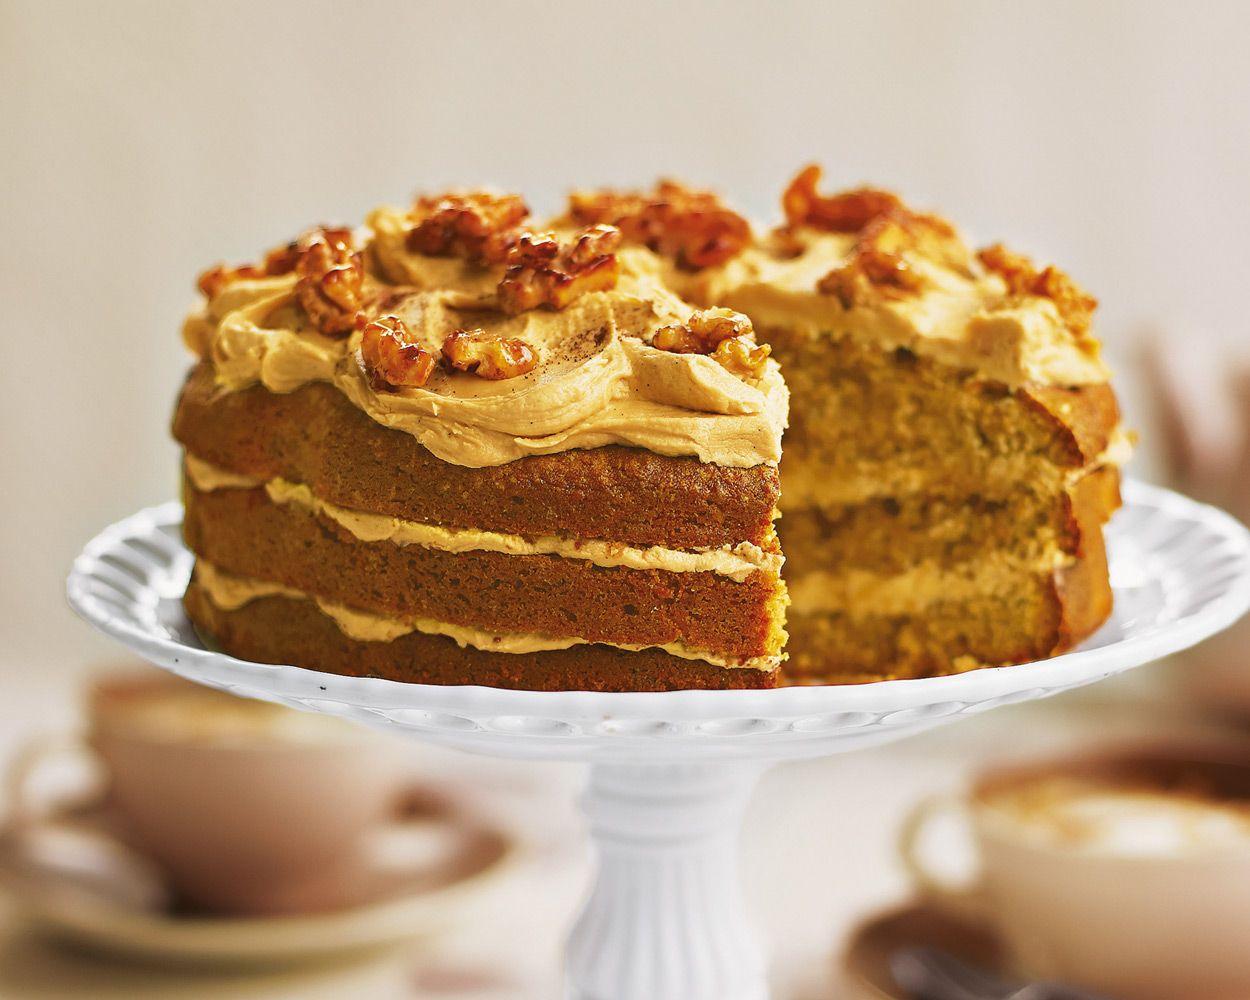 торт кофейный рецепт с фото пошагово даже тех странах